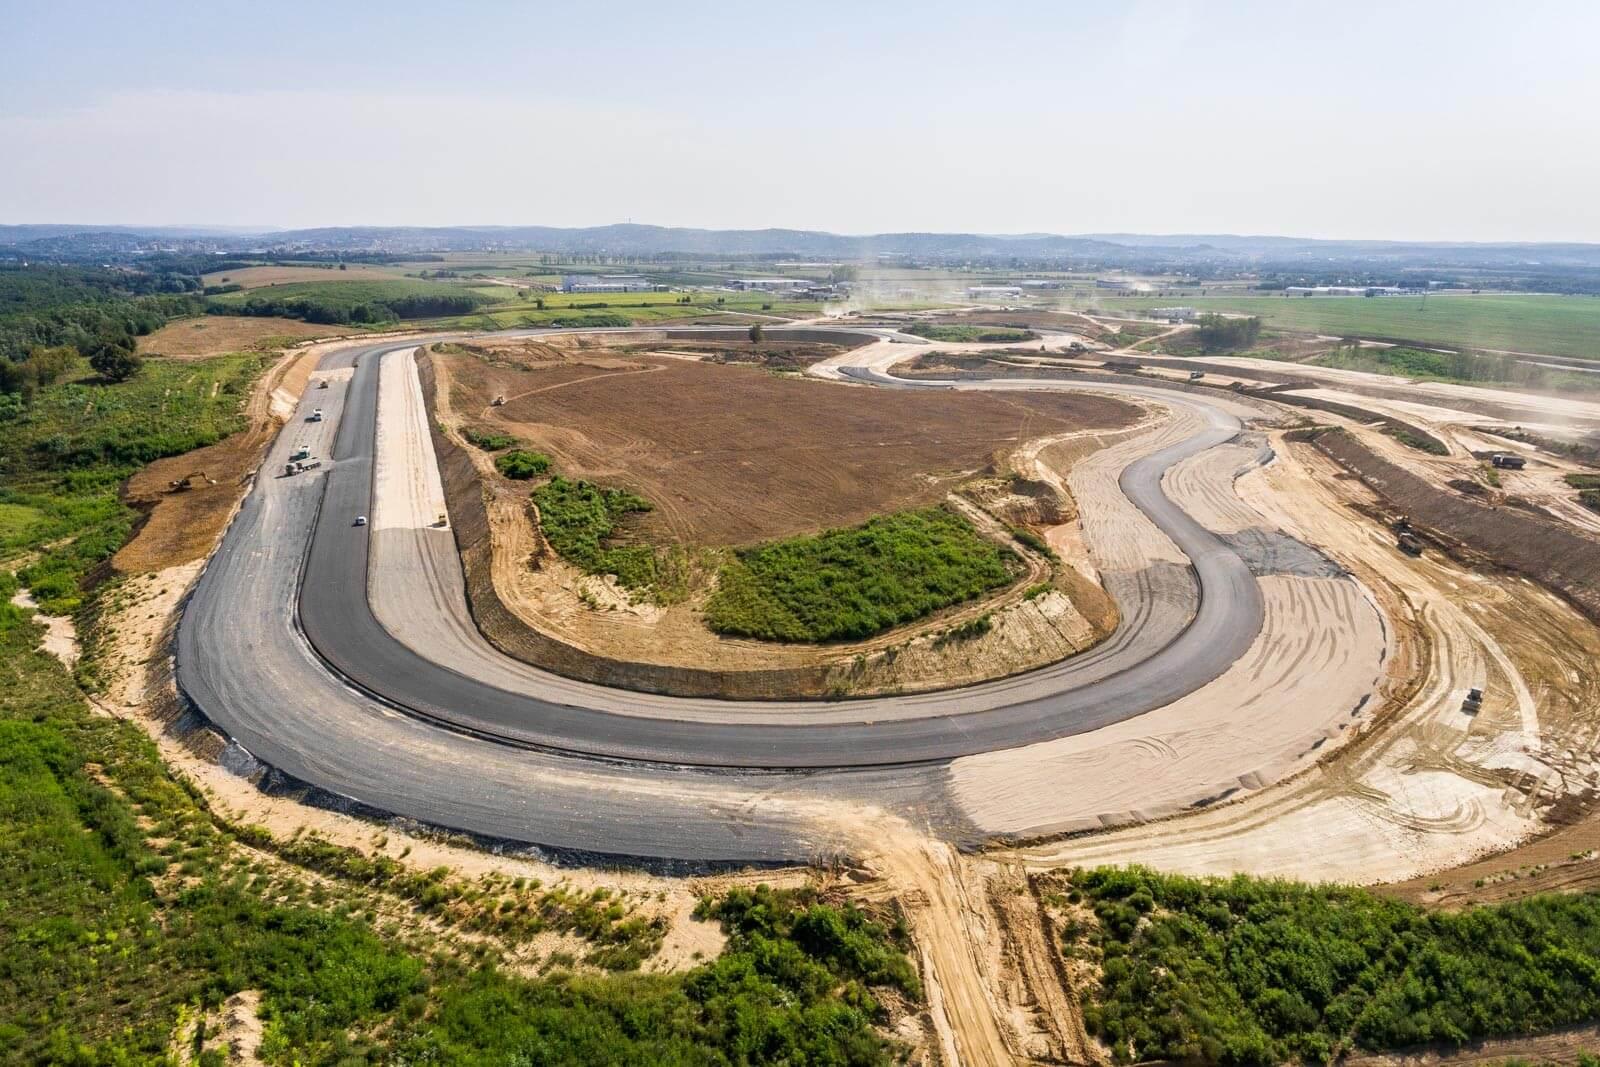 Zalai tesztpálya: rajtol az autópályaszakasz építése